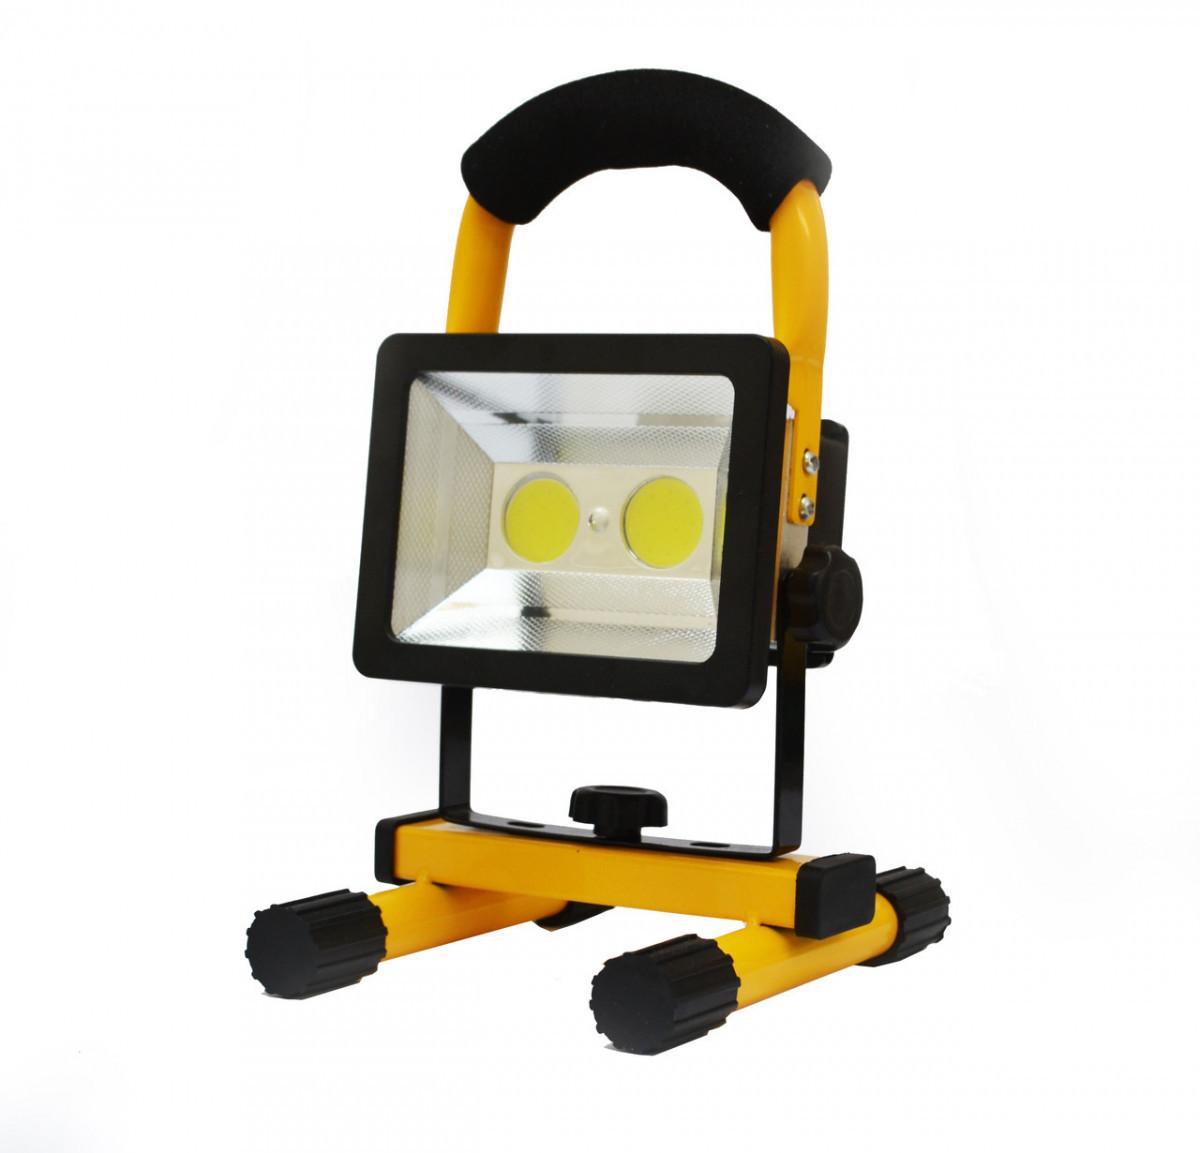 Ручной прожектор Evra 901 #S/O